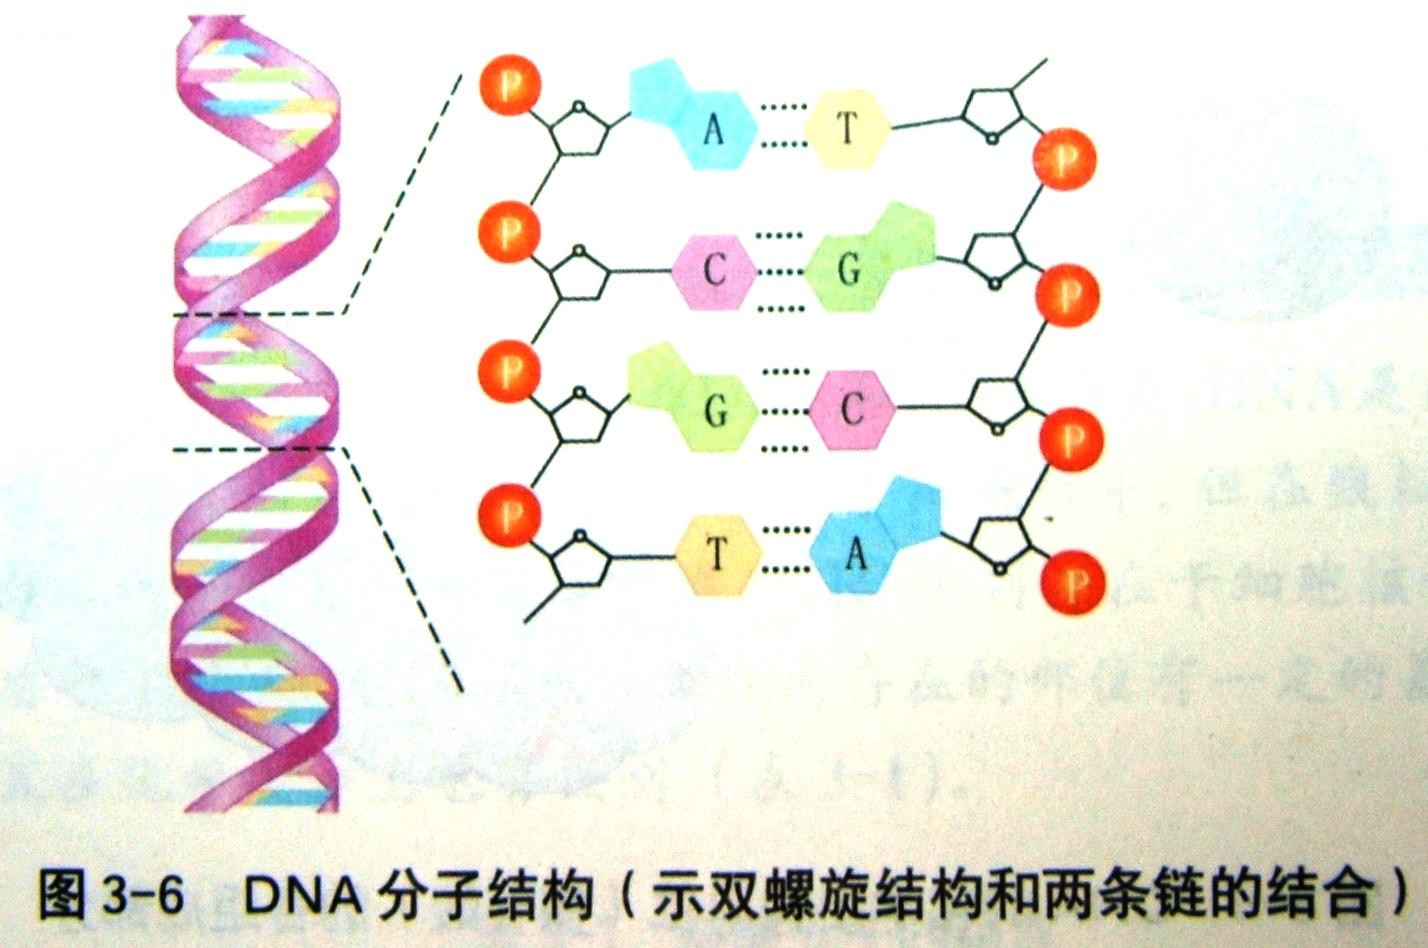 手绘一个核苷酸分子结构分子